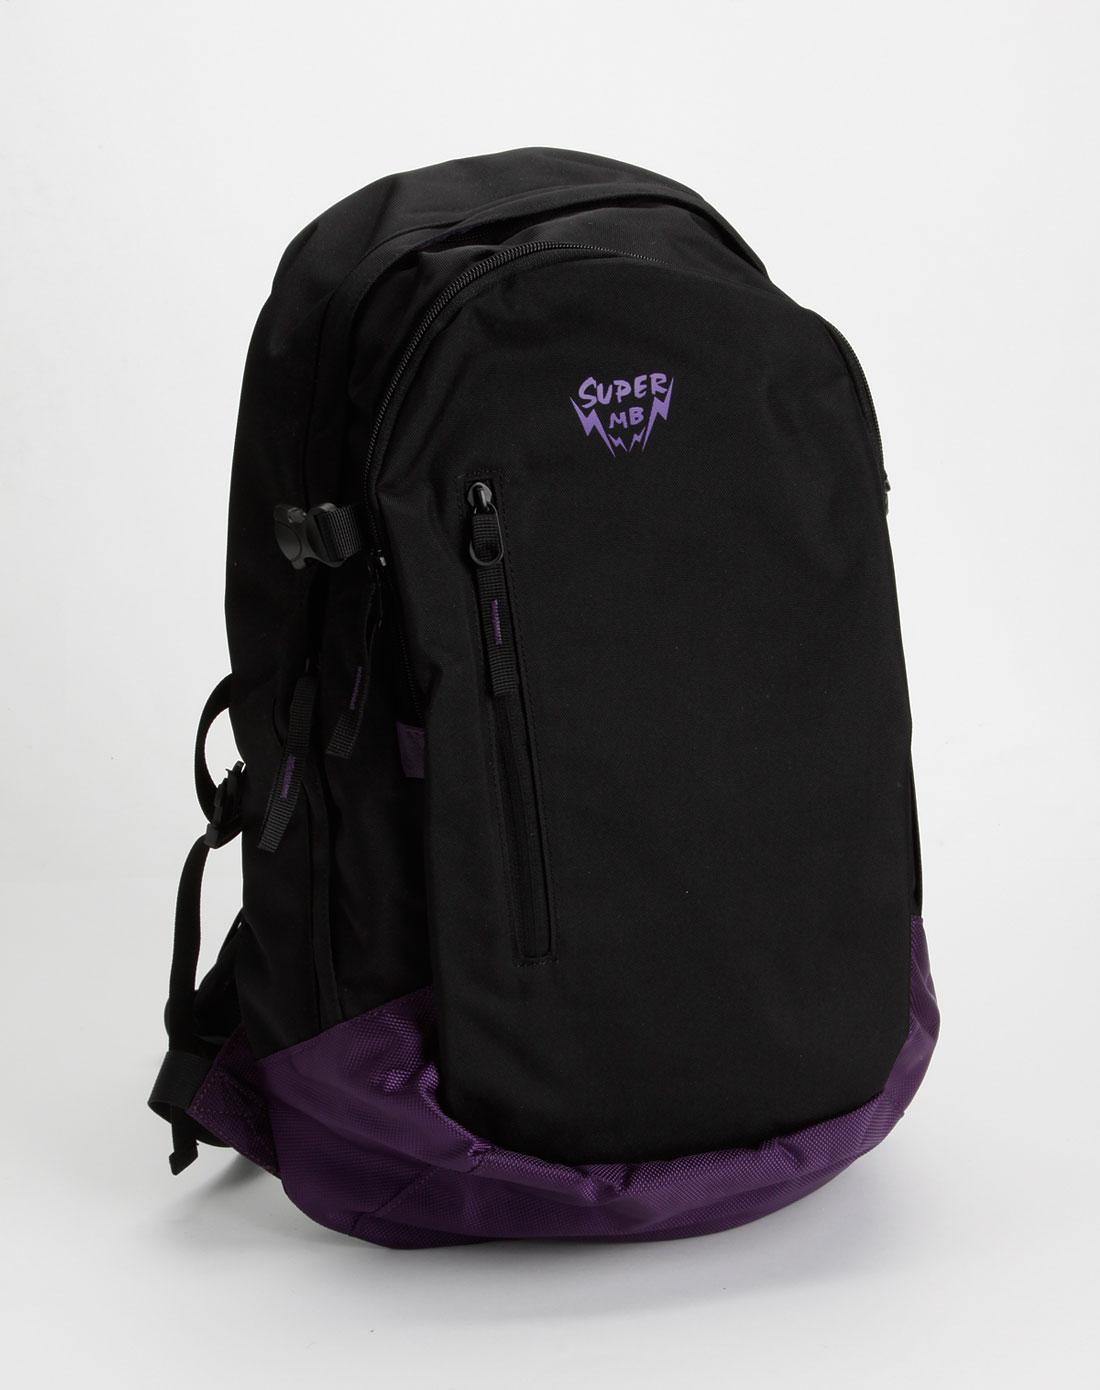 美特斯邦威女装黑/紫色时尚双肩背包图片